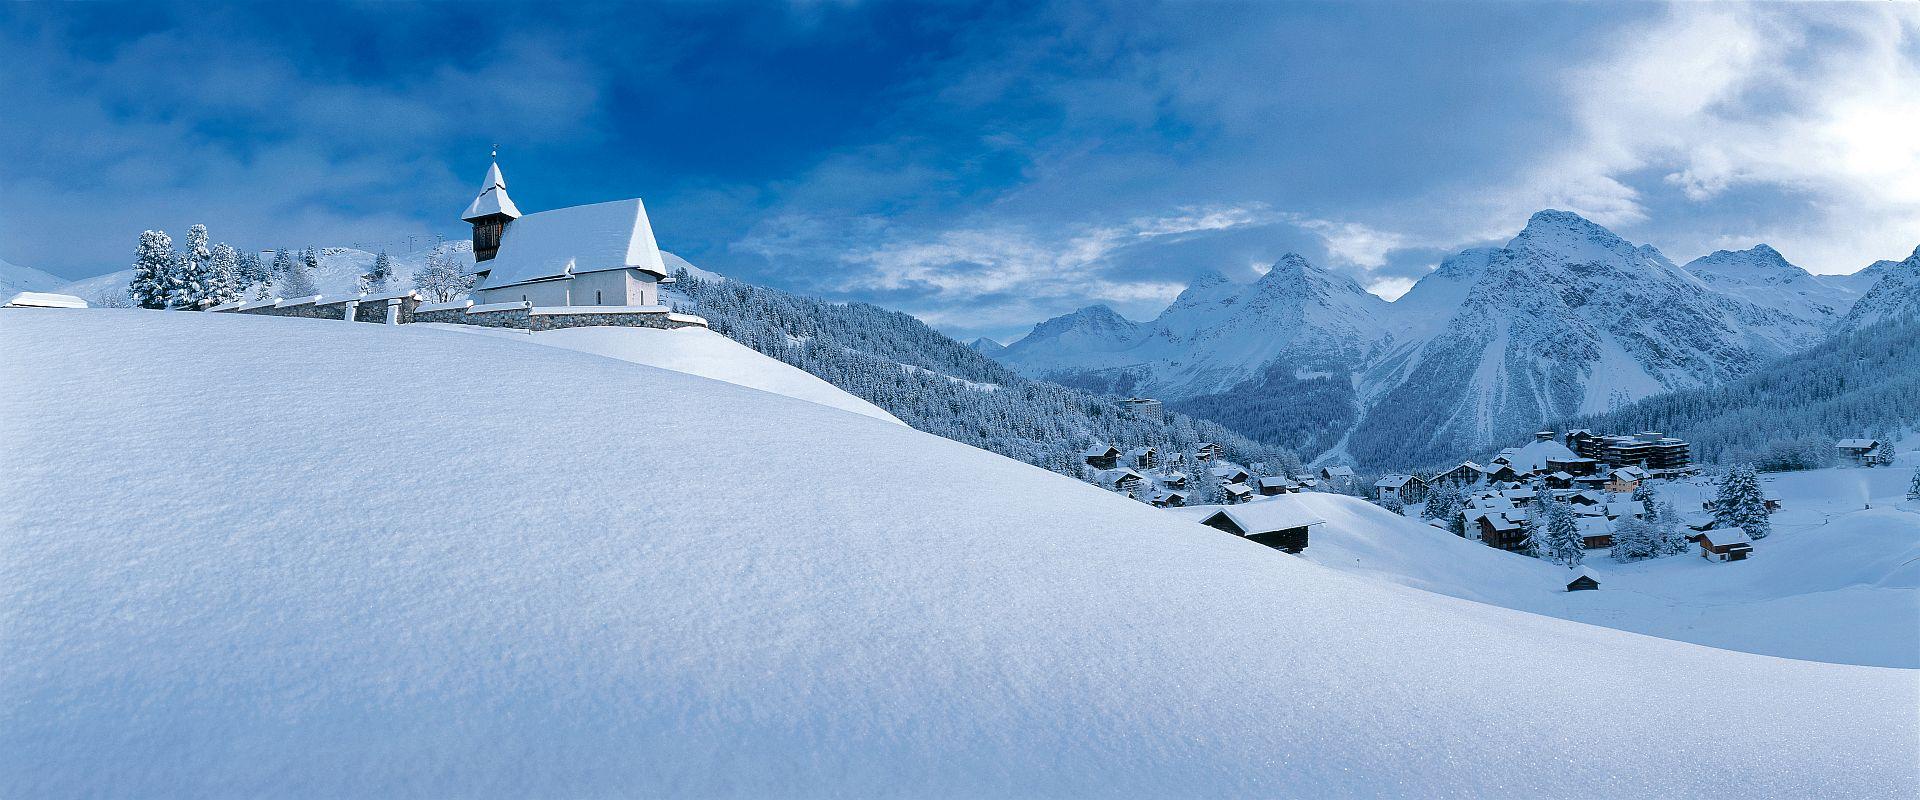 Альпийские лыжные курорты: полезная информация для новичков